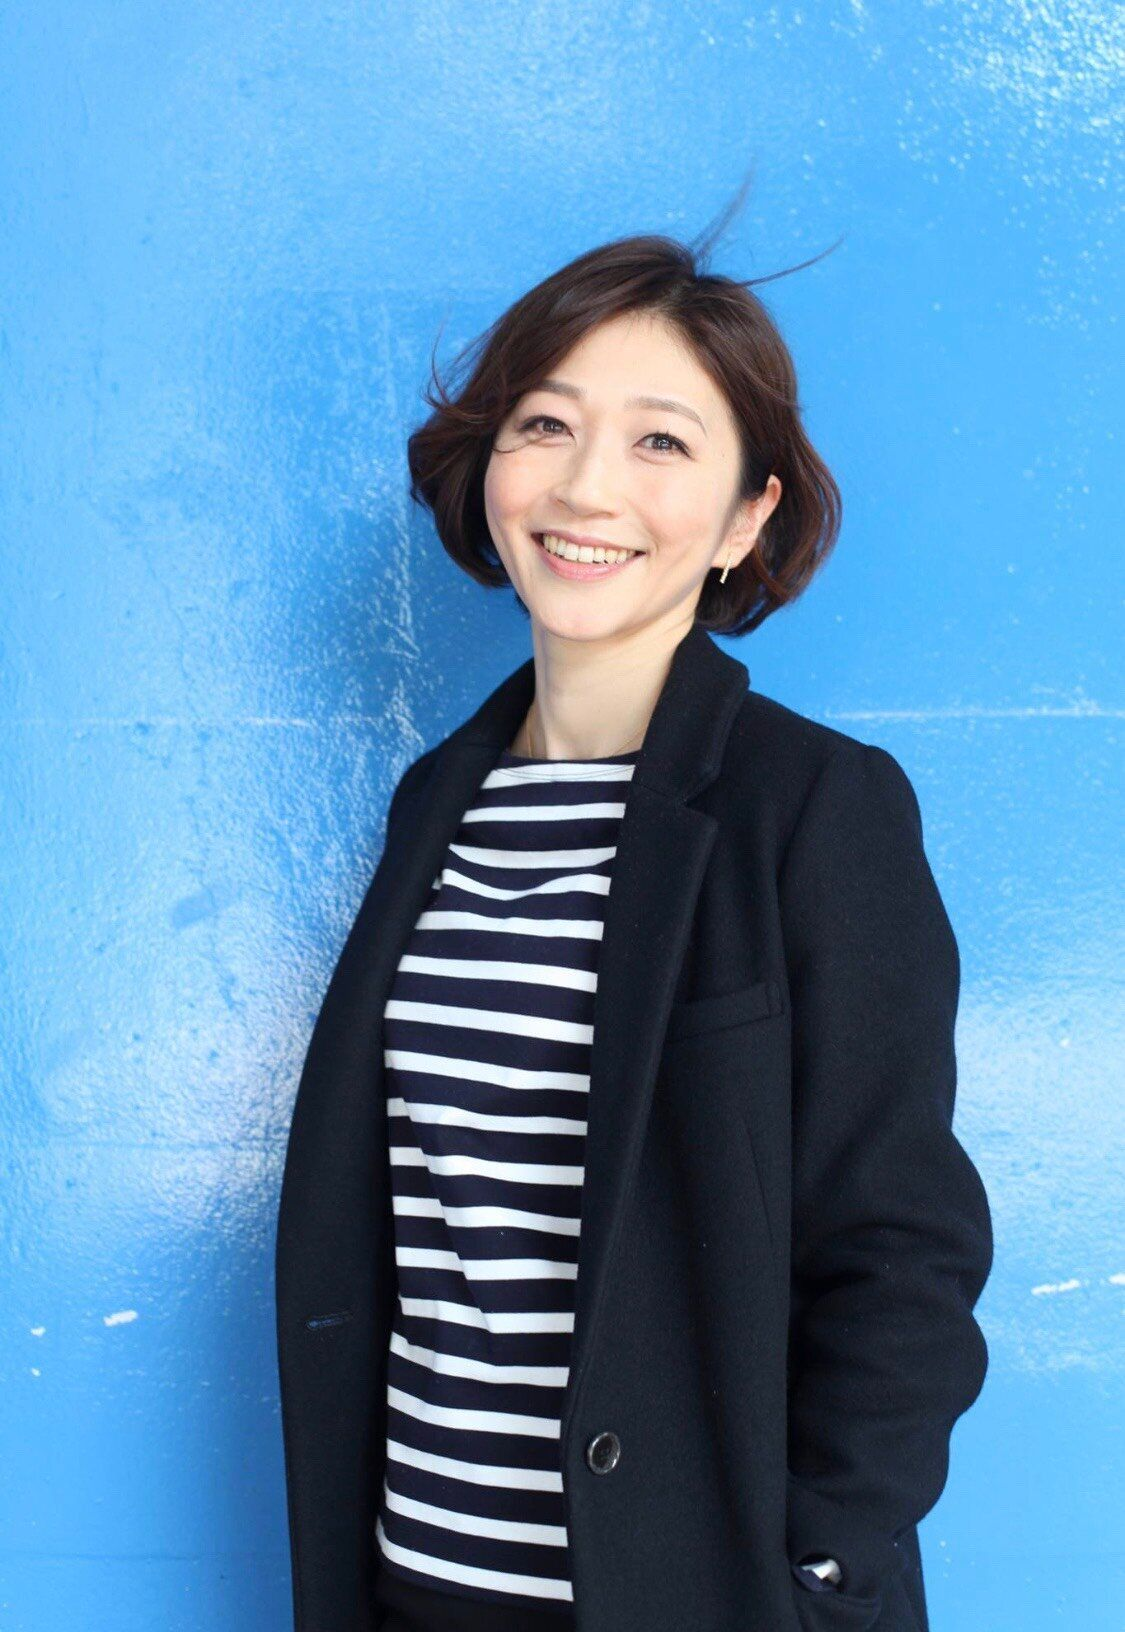 元TBSアナウンサーの久保田智子さん